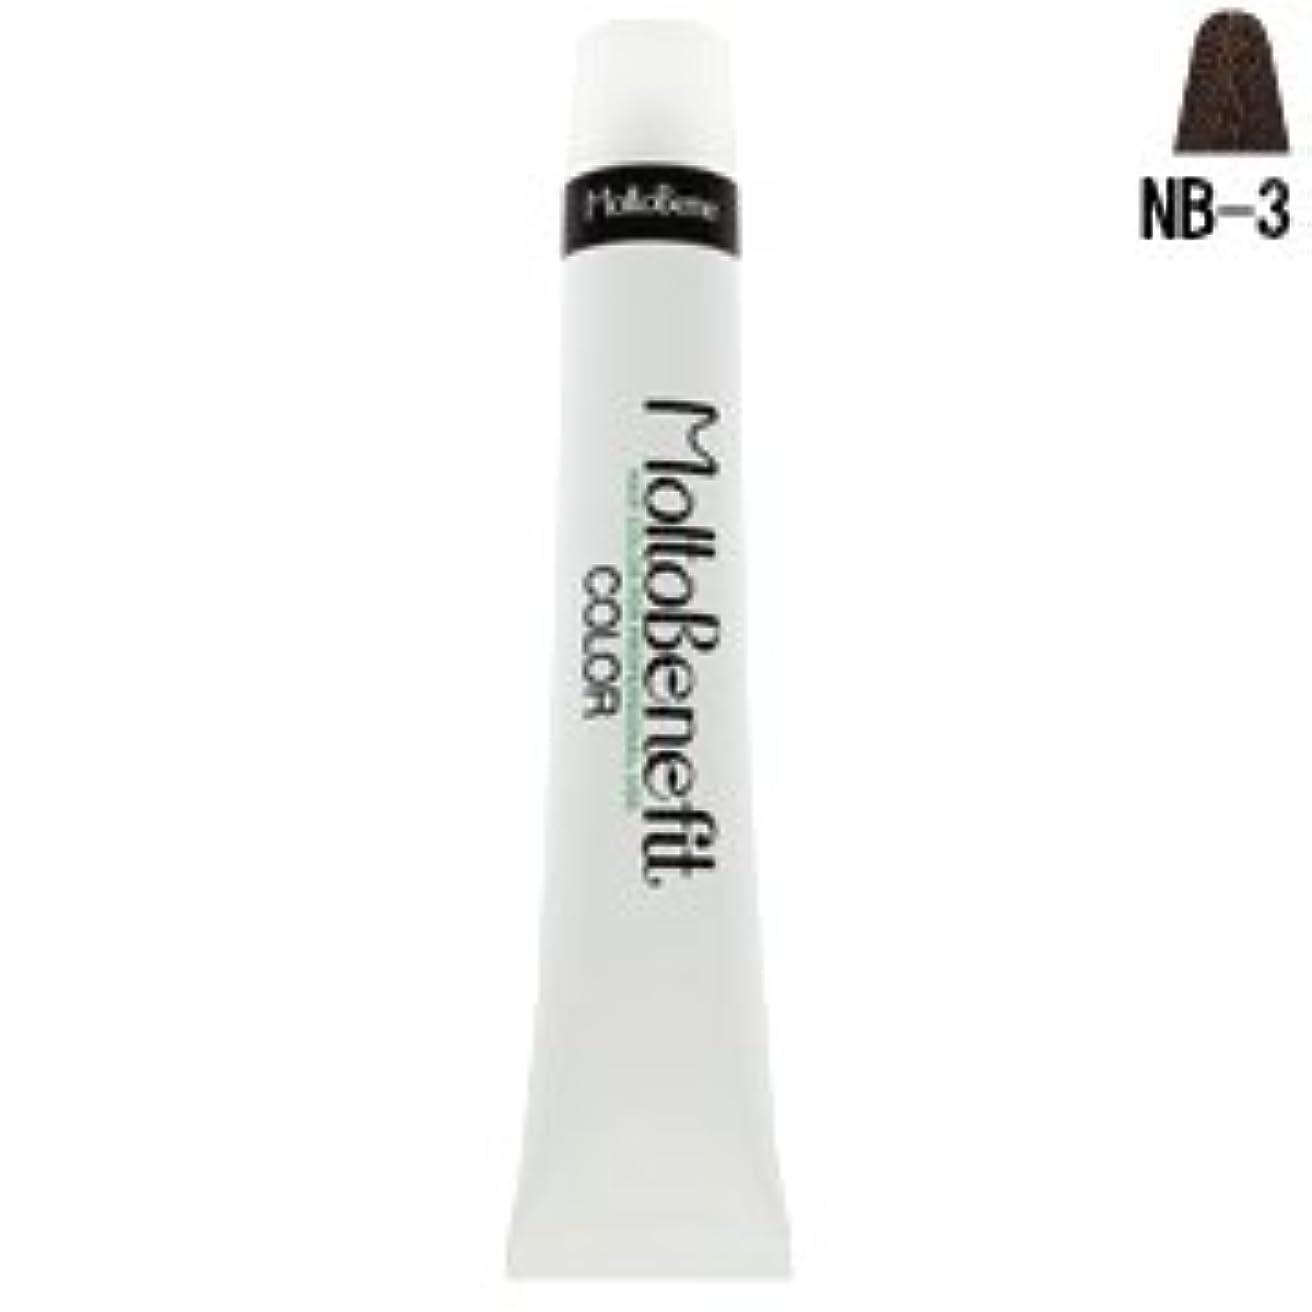 ふさわしい許可最大化する【モルトベーネ】フィットカラー グレイナチュラルカラー NB-3 ナチュラルブラウン 60g